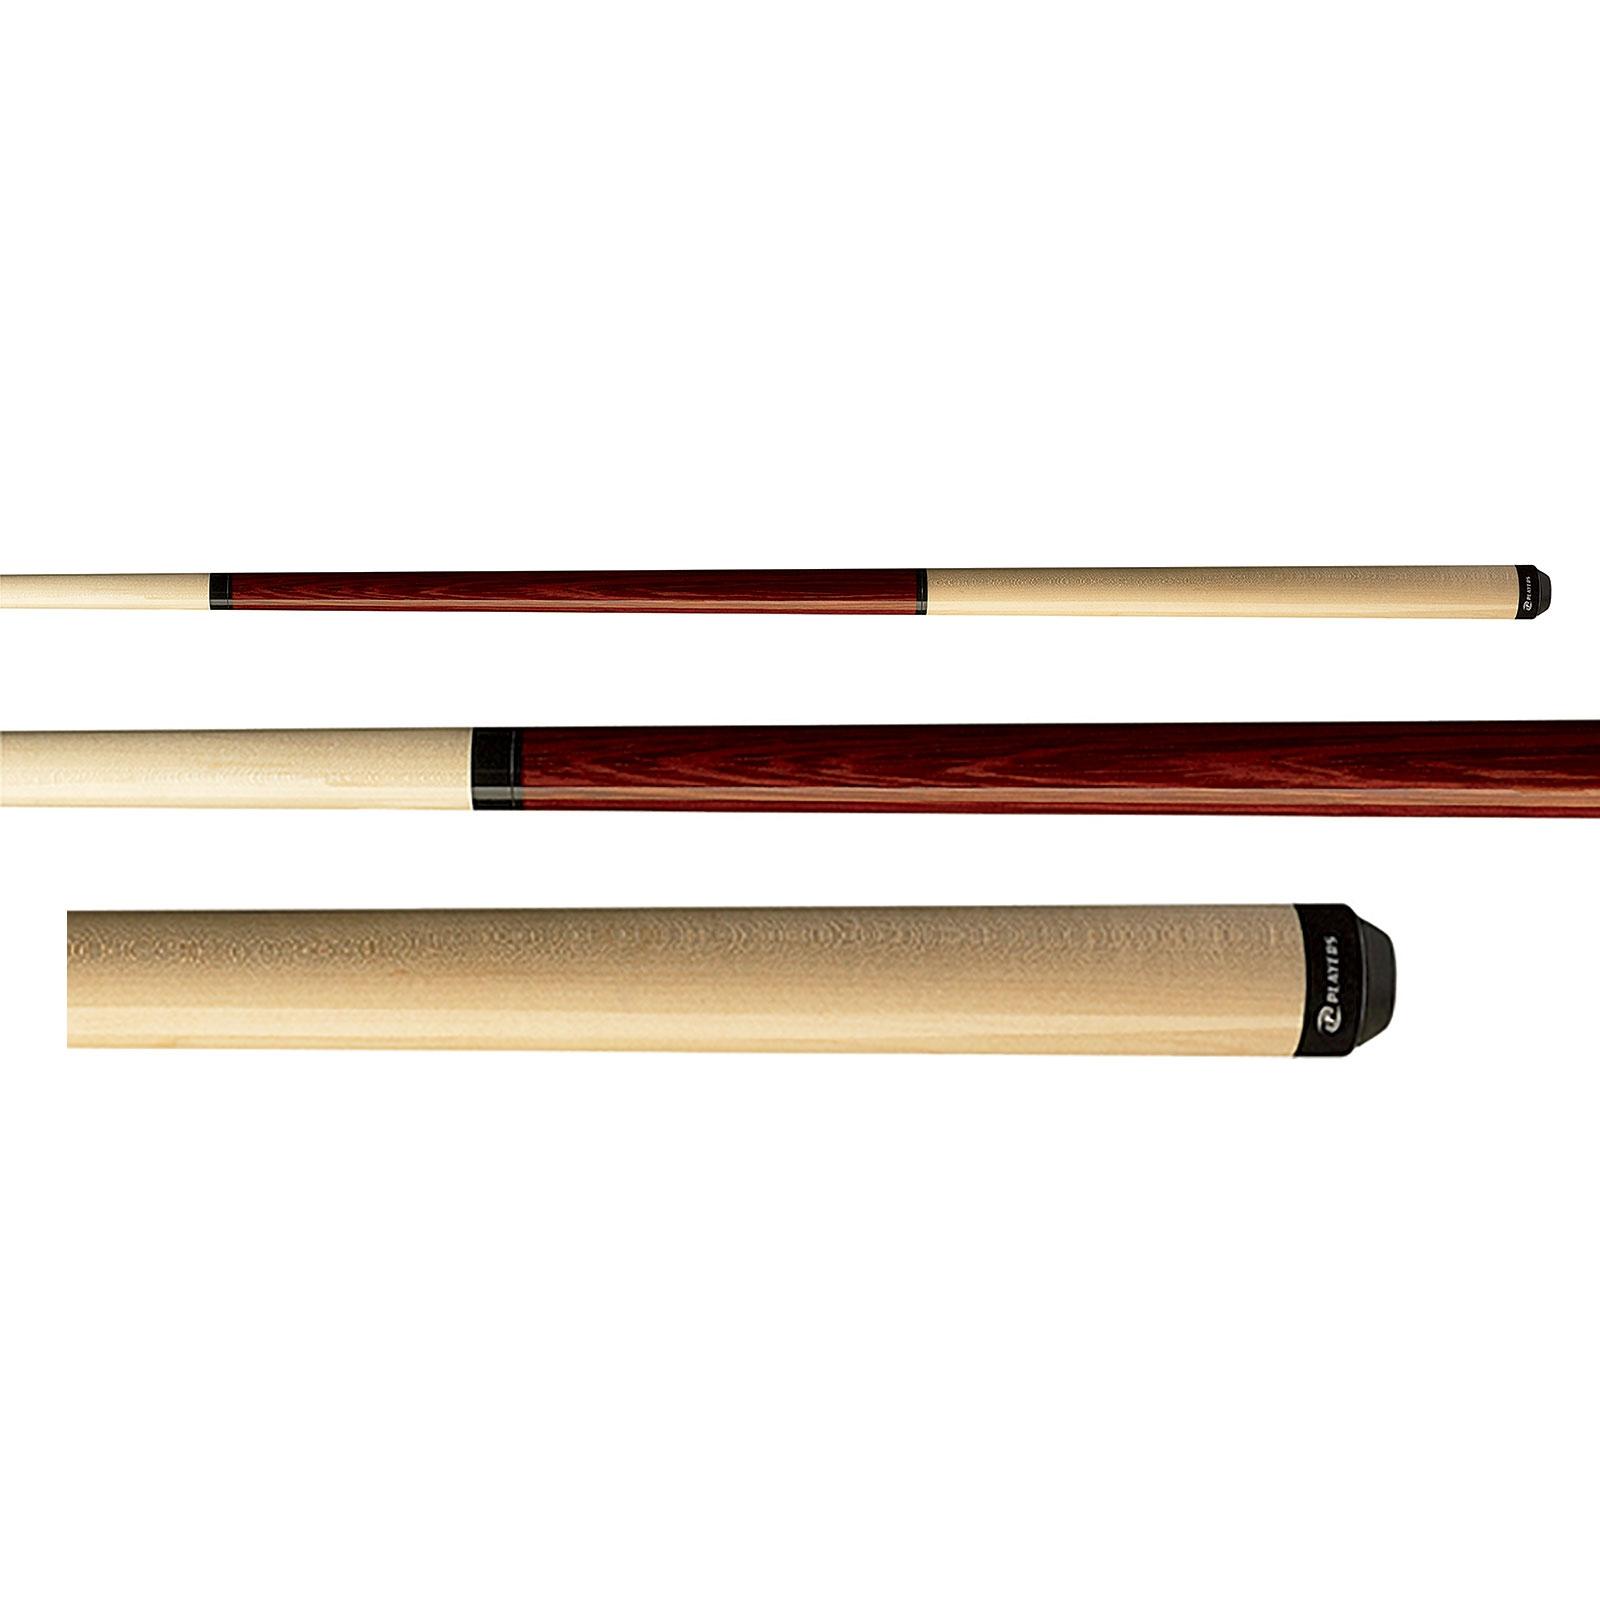 break cue stick